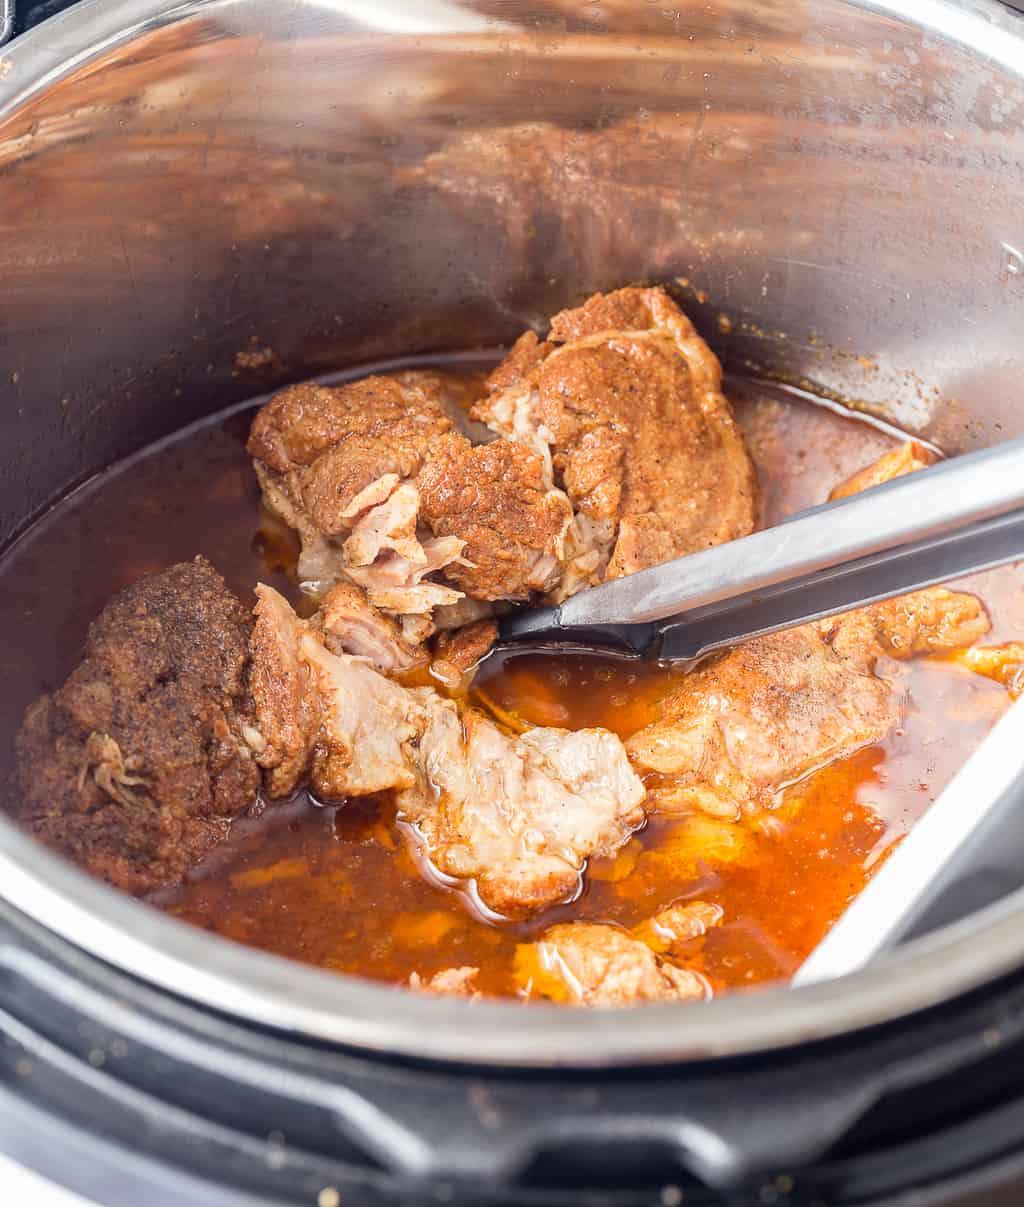 Instant Pot Pork Shoulder Ready to be Shredded